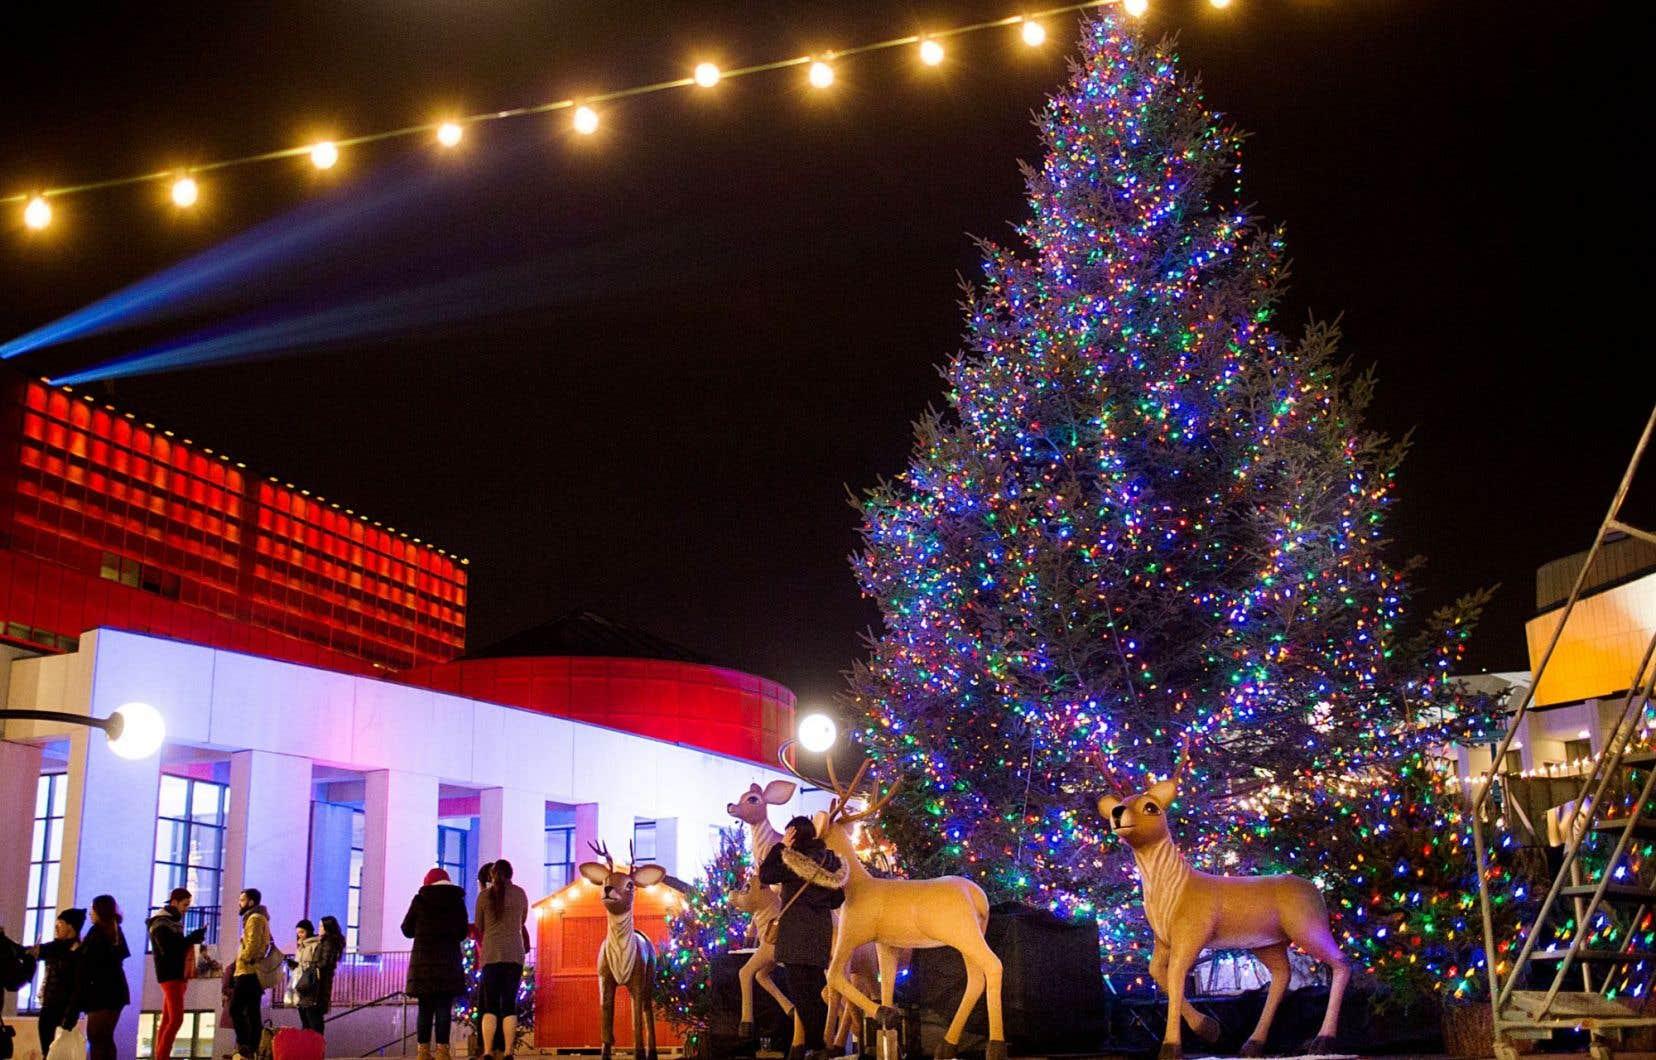 À partir de demain, samedi, on pourra s'en donner à cœur joie avec toutes les activités proposées par le Grand Marché de Noël à Montréal.